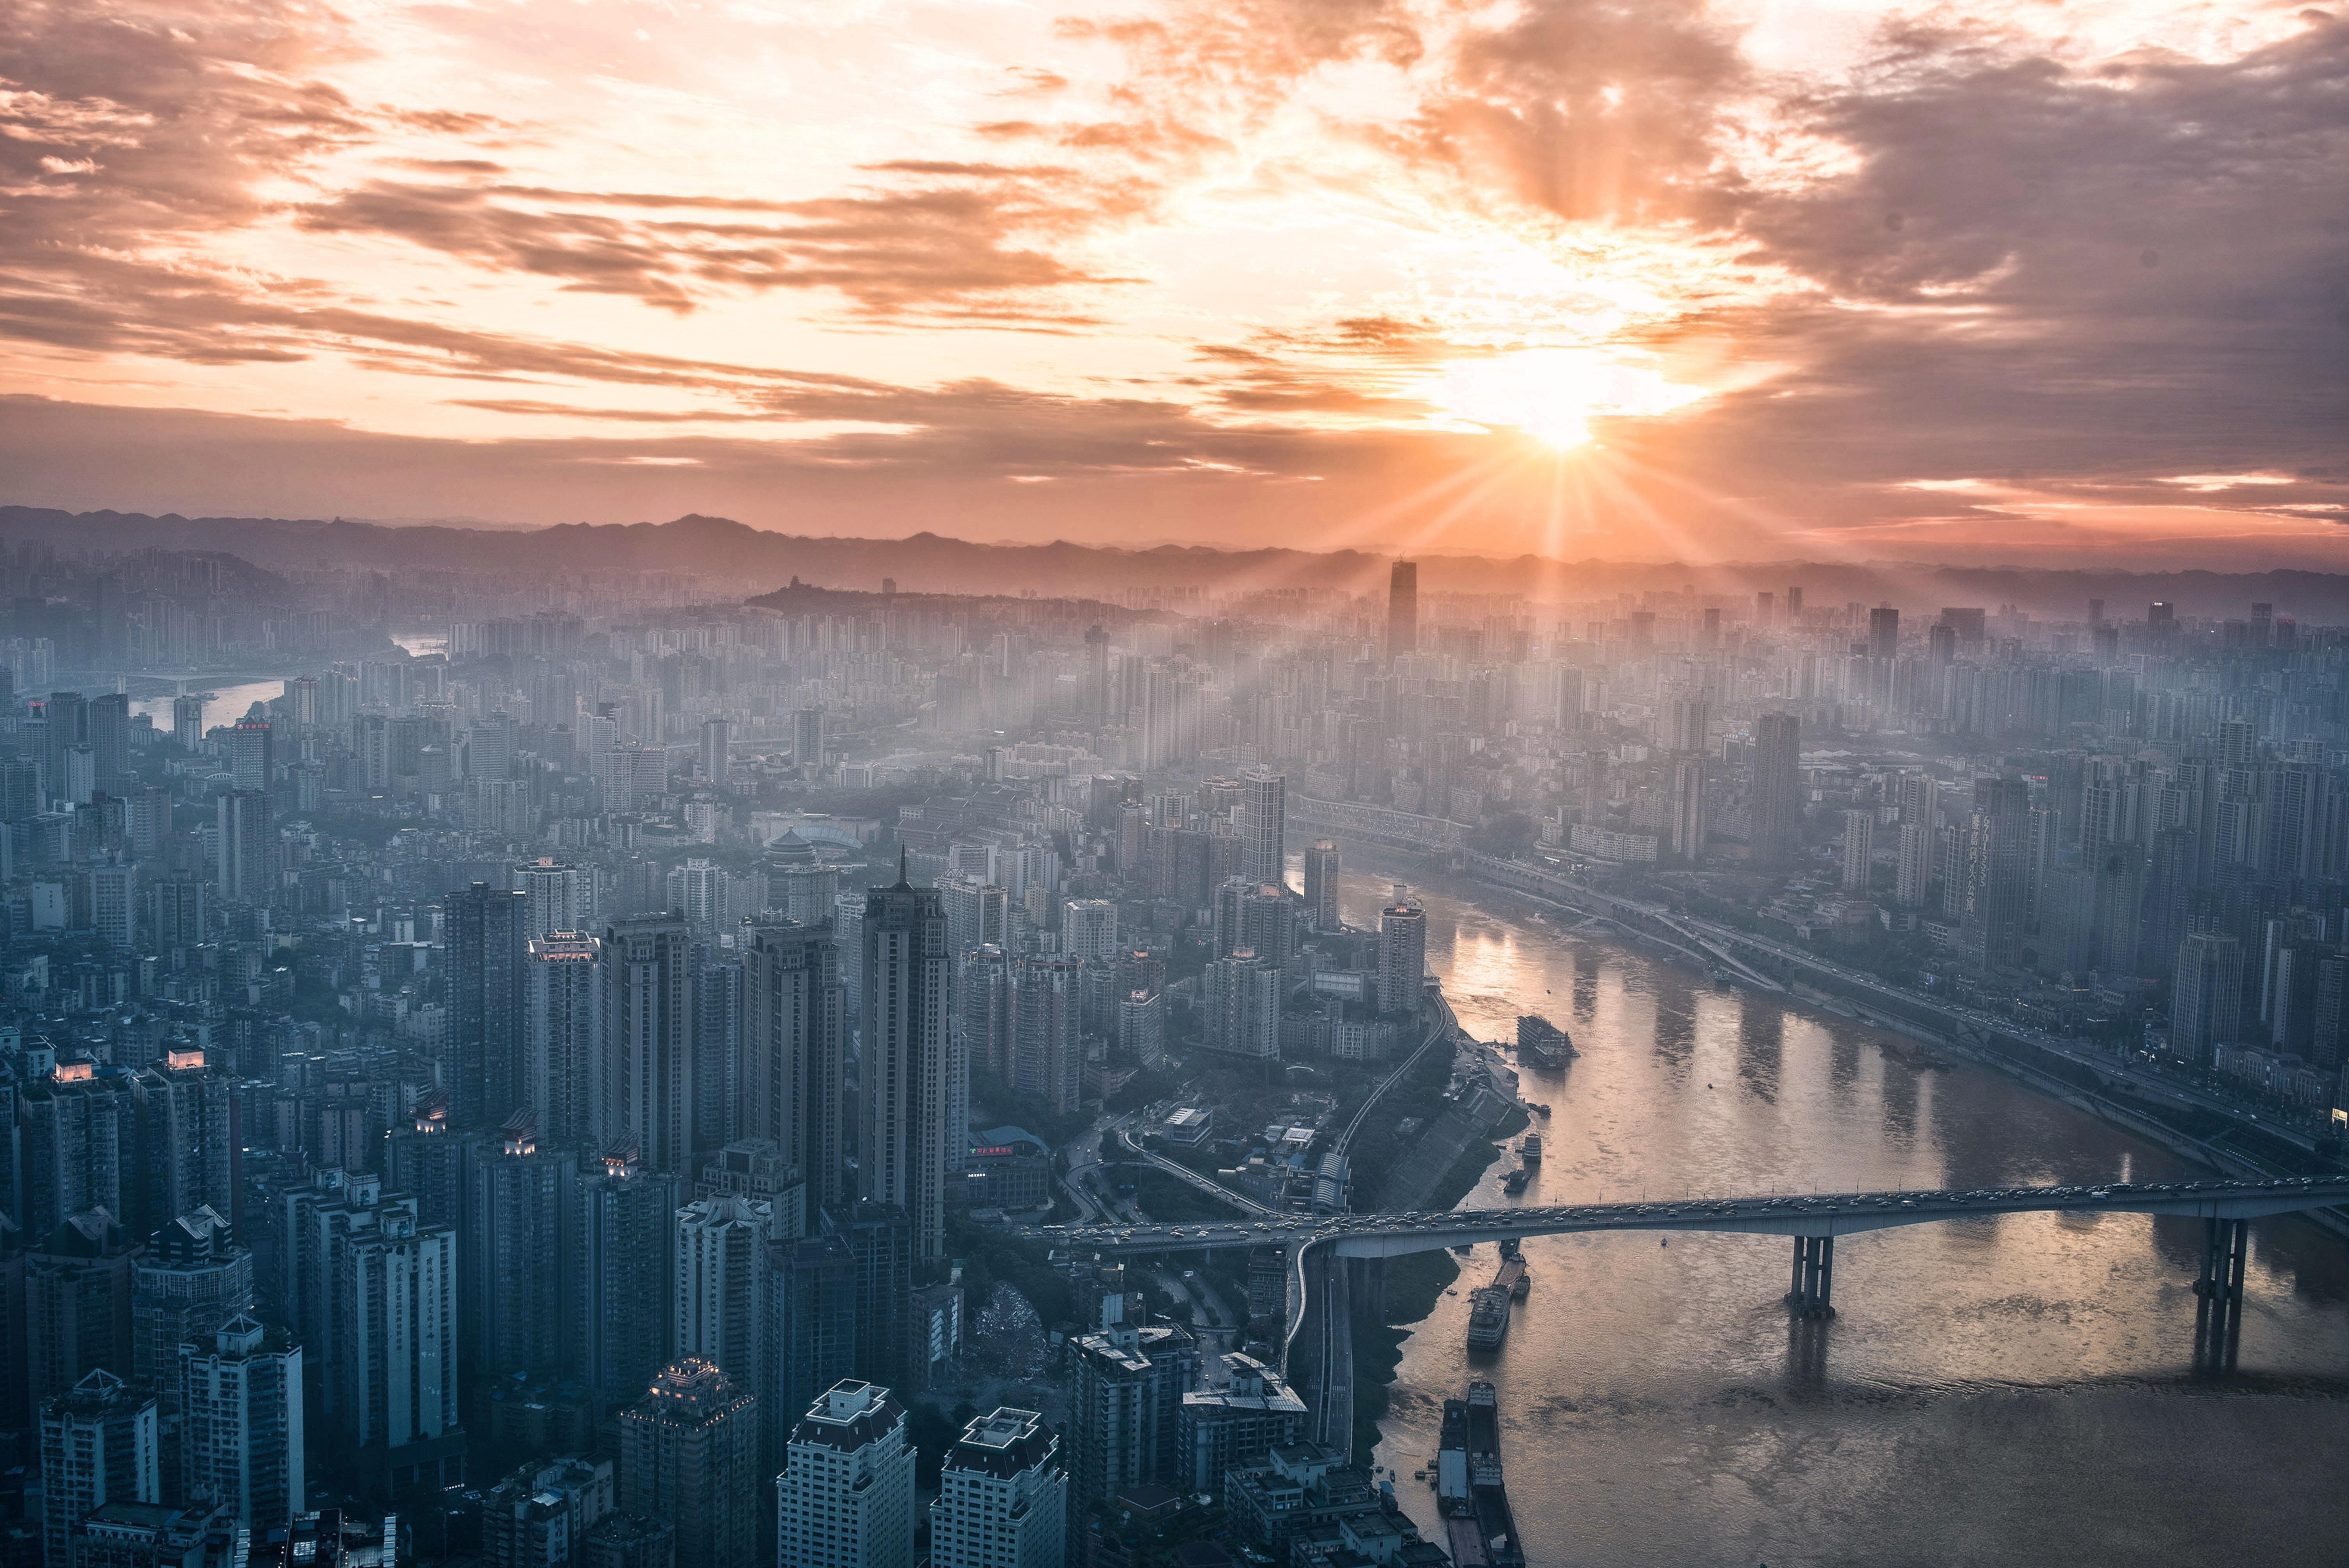 Sun over city